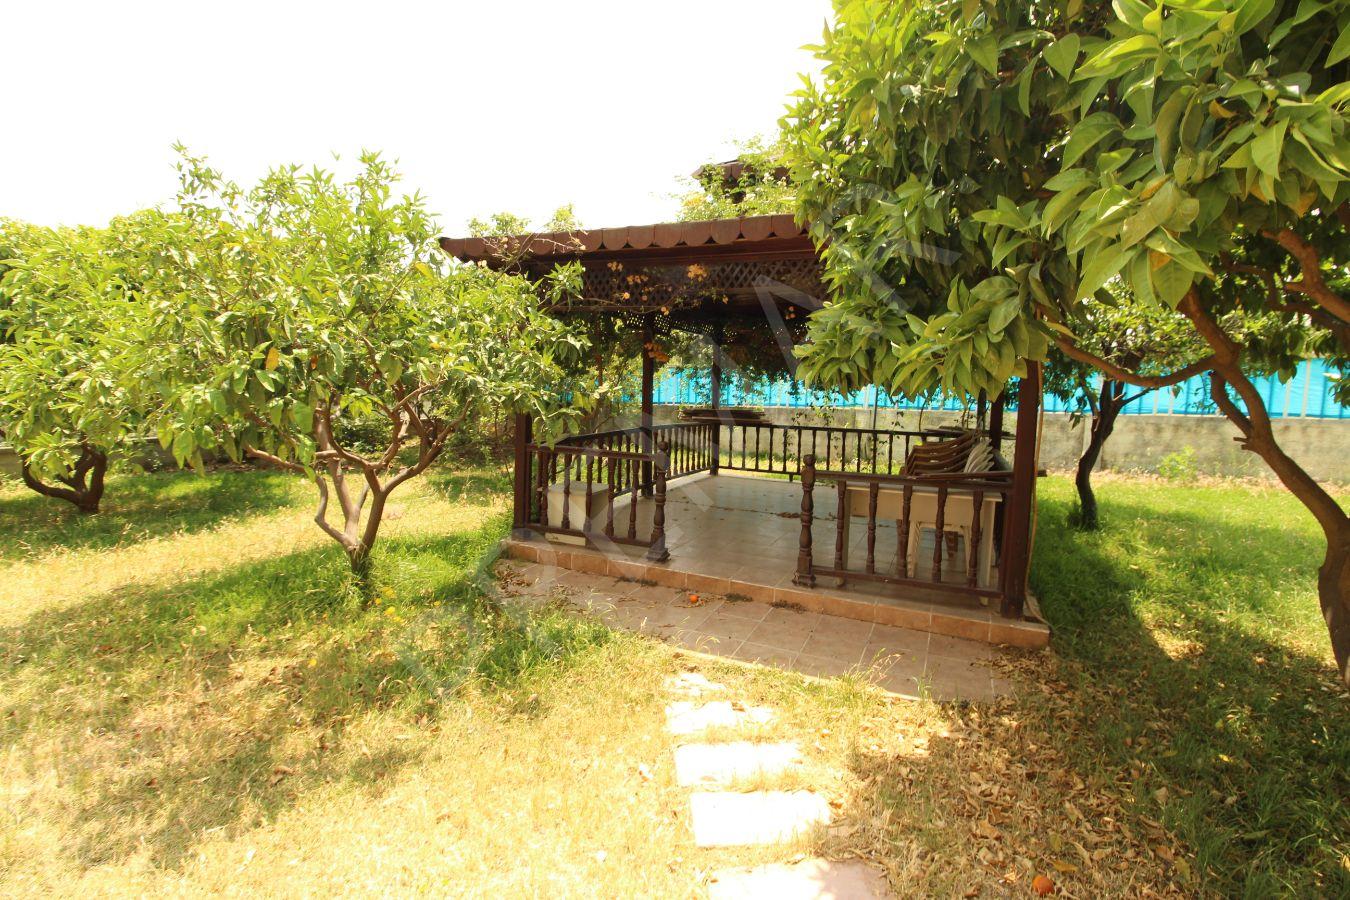 Premar Fadan Macit Özcan Spor Tesisleri Civ. Kiralık Villa